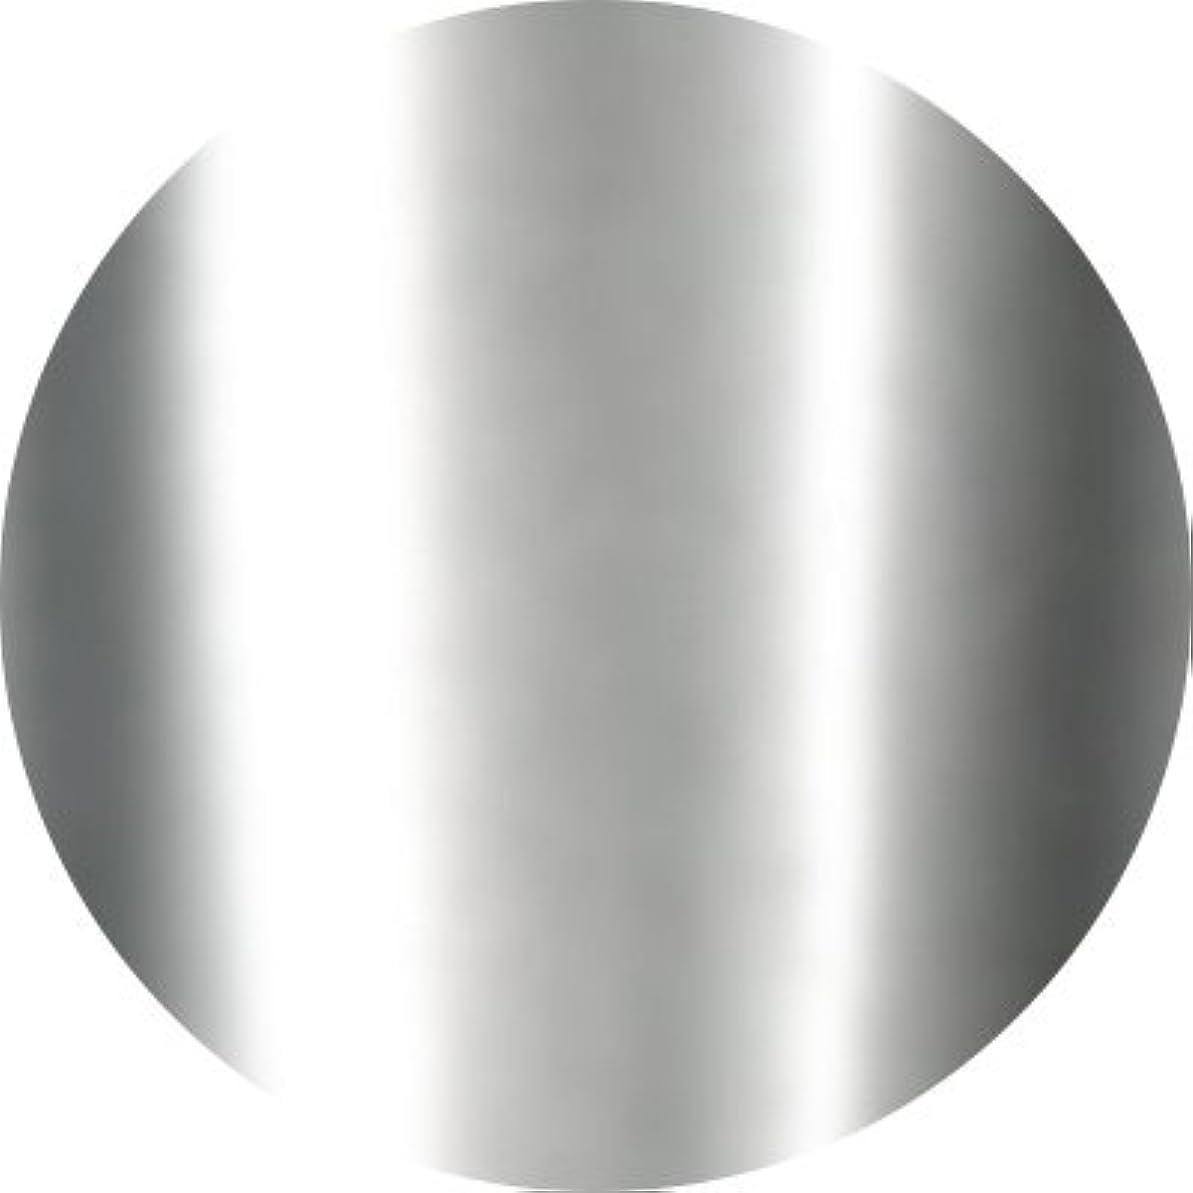 フェリー抜本的な上向きJewelry jel(ジュエリージェル) カラージェル 5ml<BR>ピッカピカメタリック MKシルバー